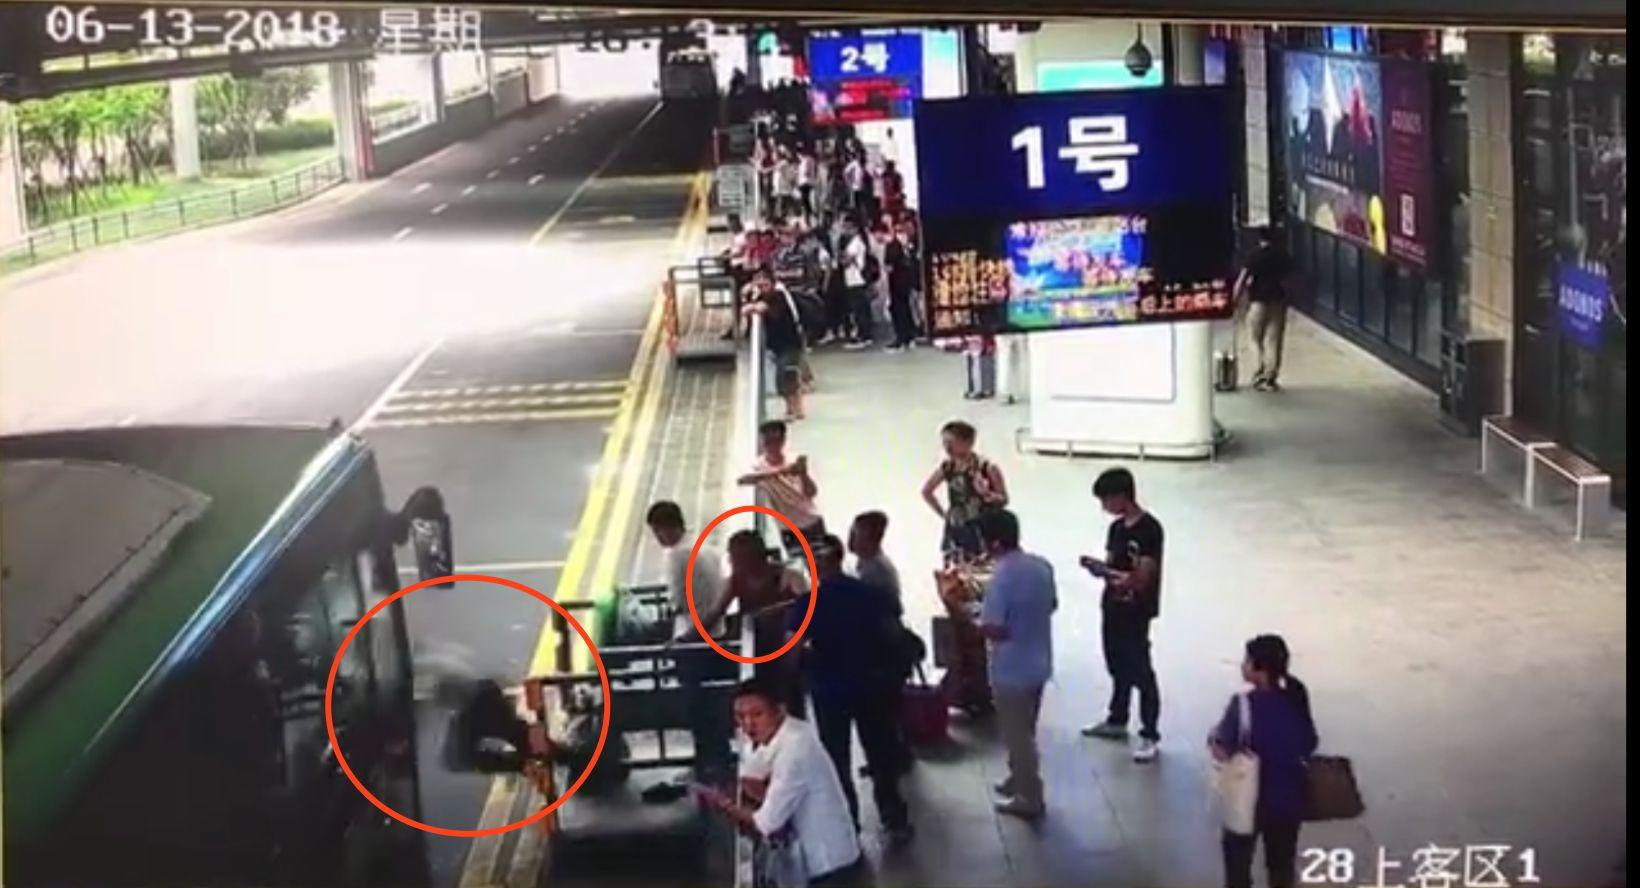 公交进站瞬间将老人踹下站台温州一精神分裂男子获刑